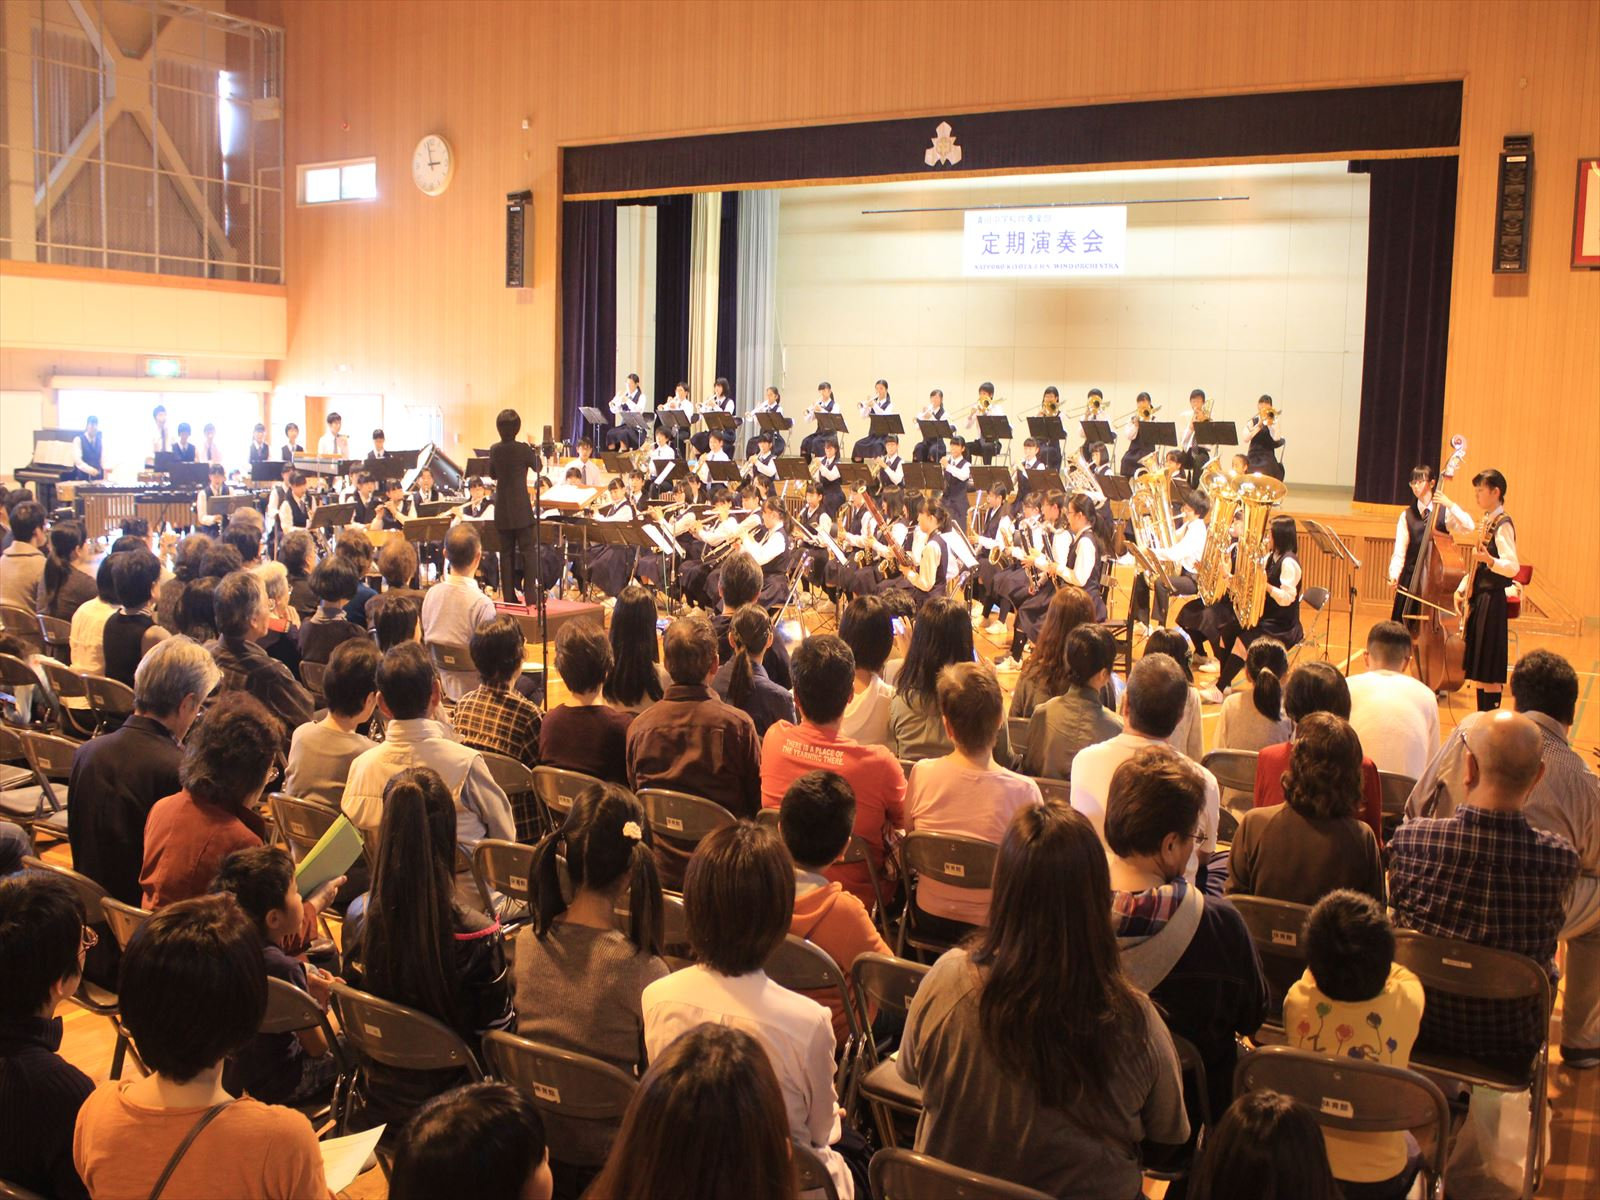 清田中学校ウインドオーケストラ部定期演奏会